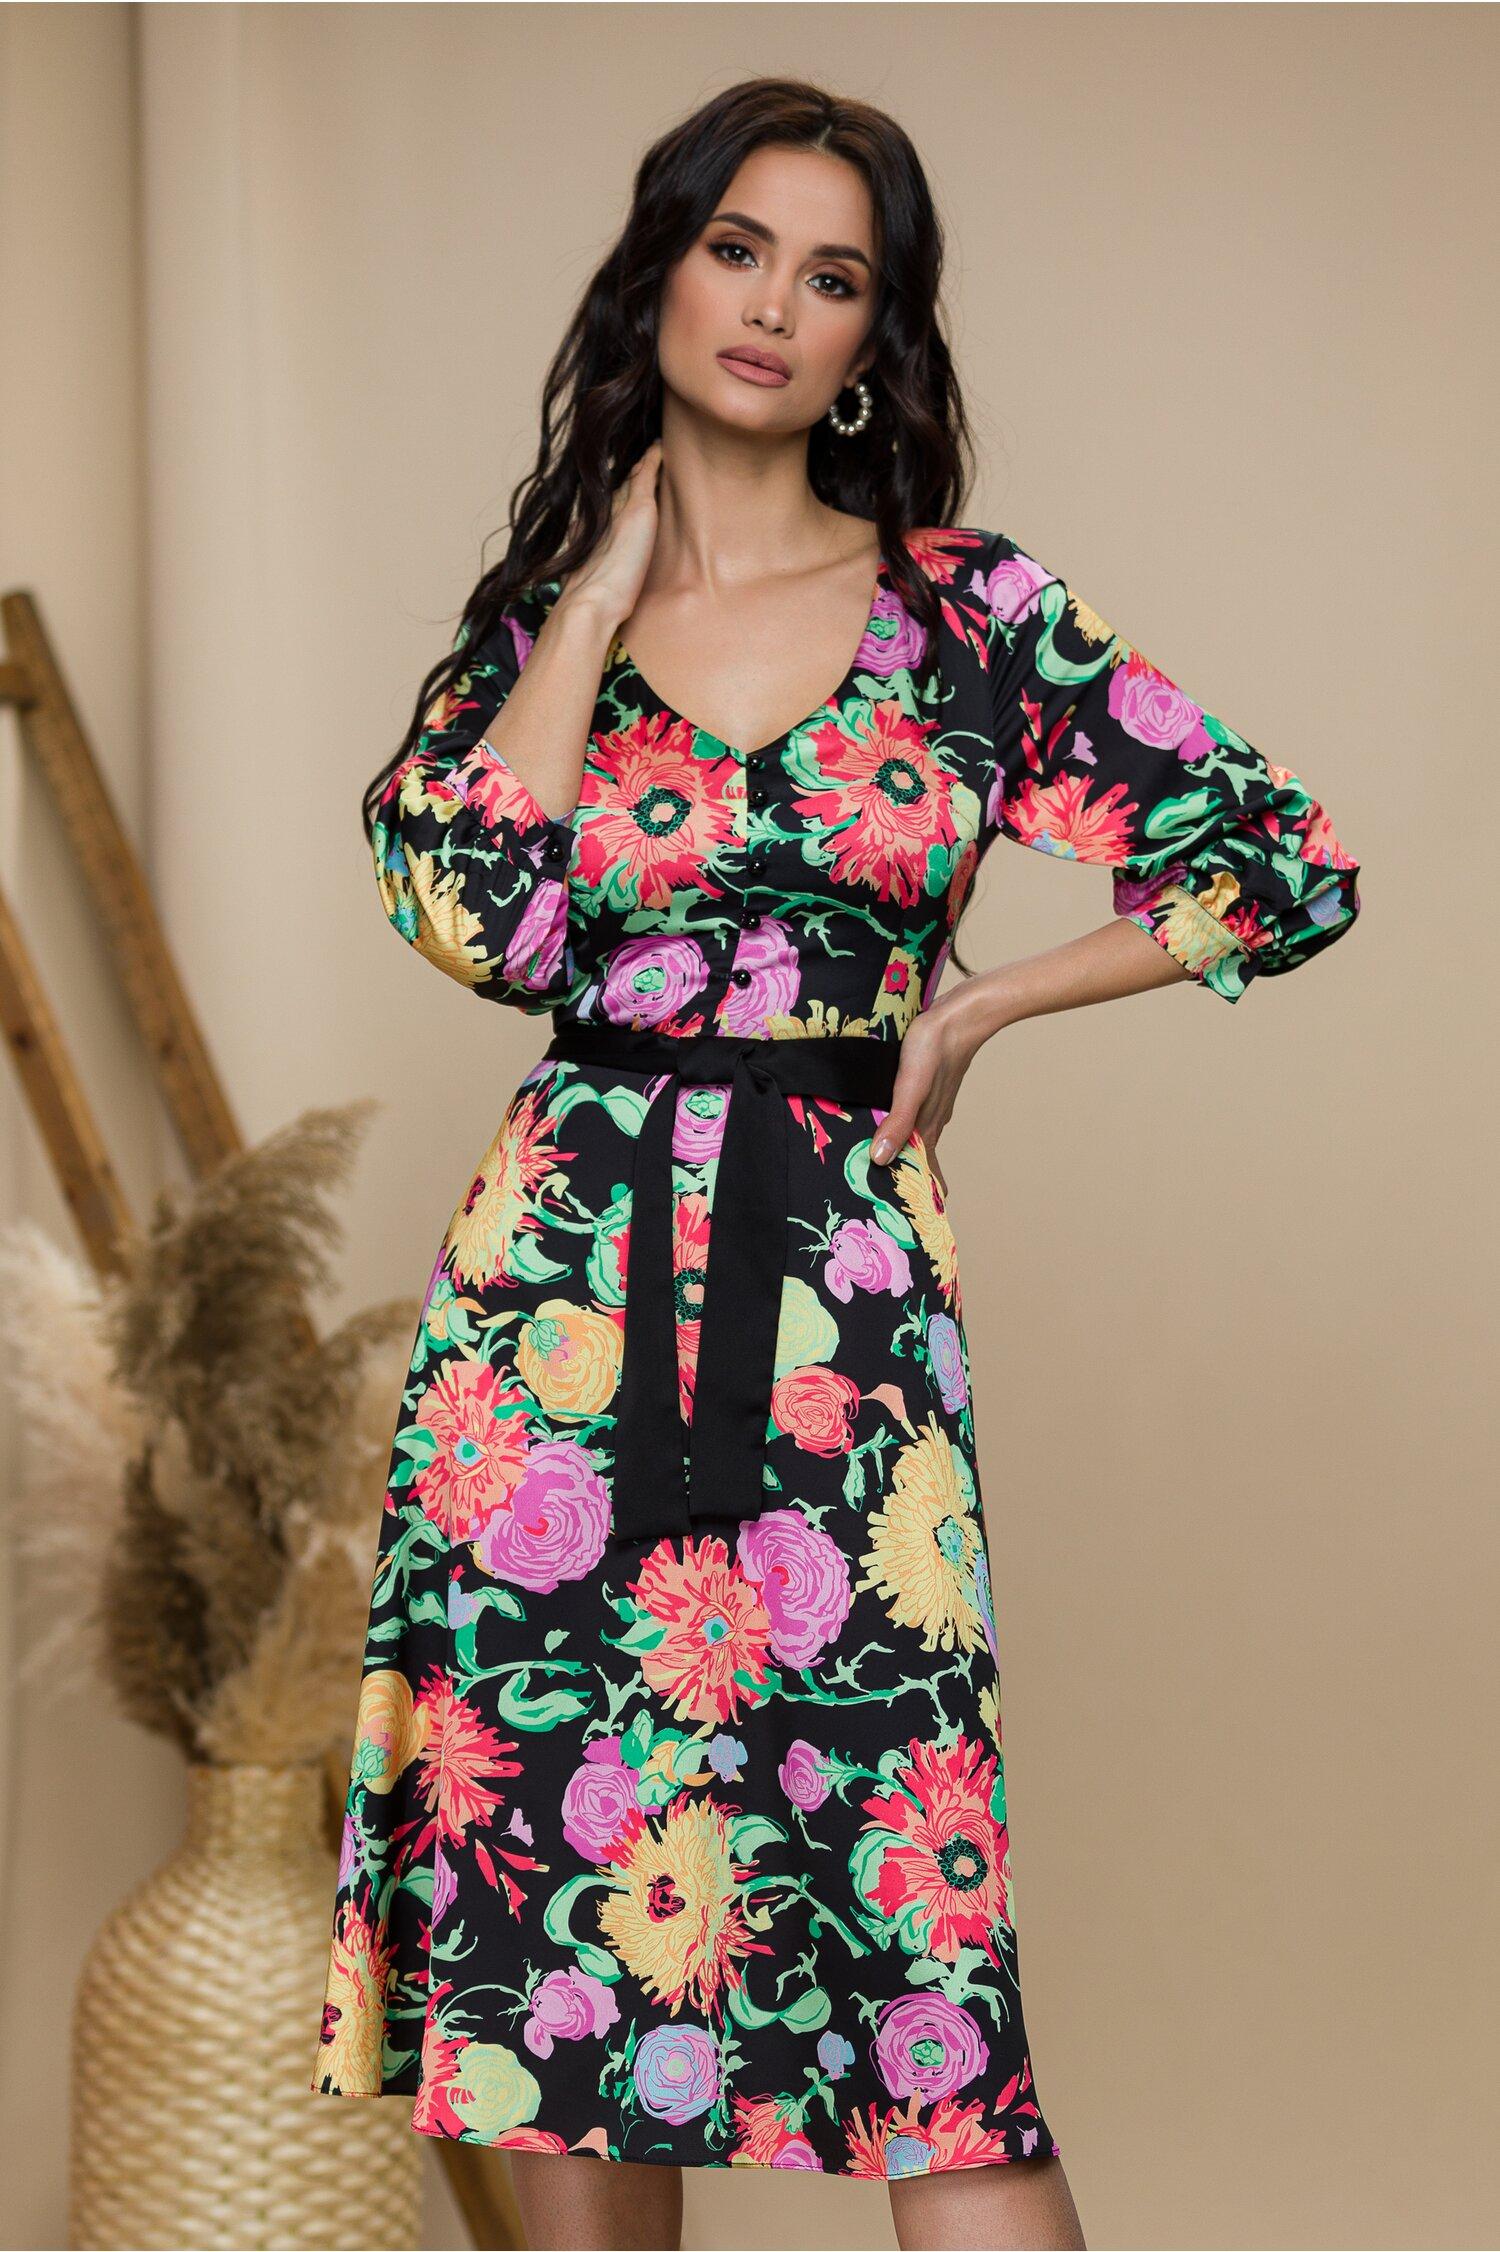 Rochie Alessandra negara cu imprimeuri florale colorate